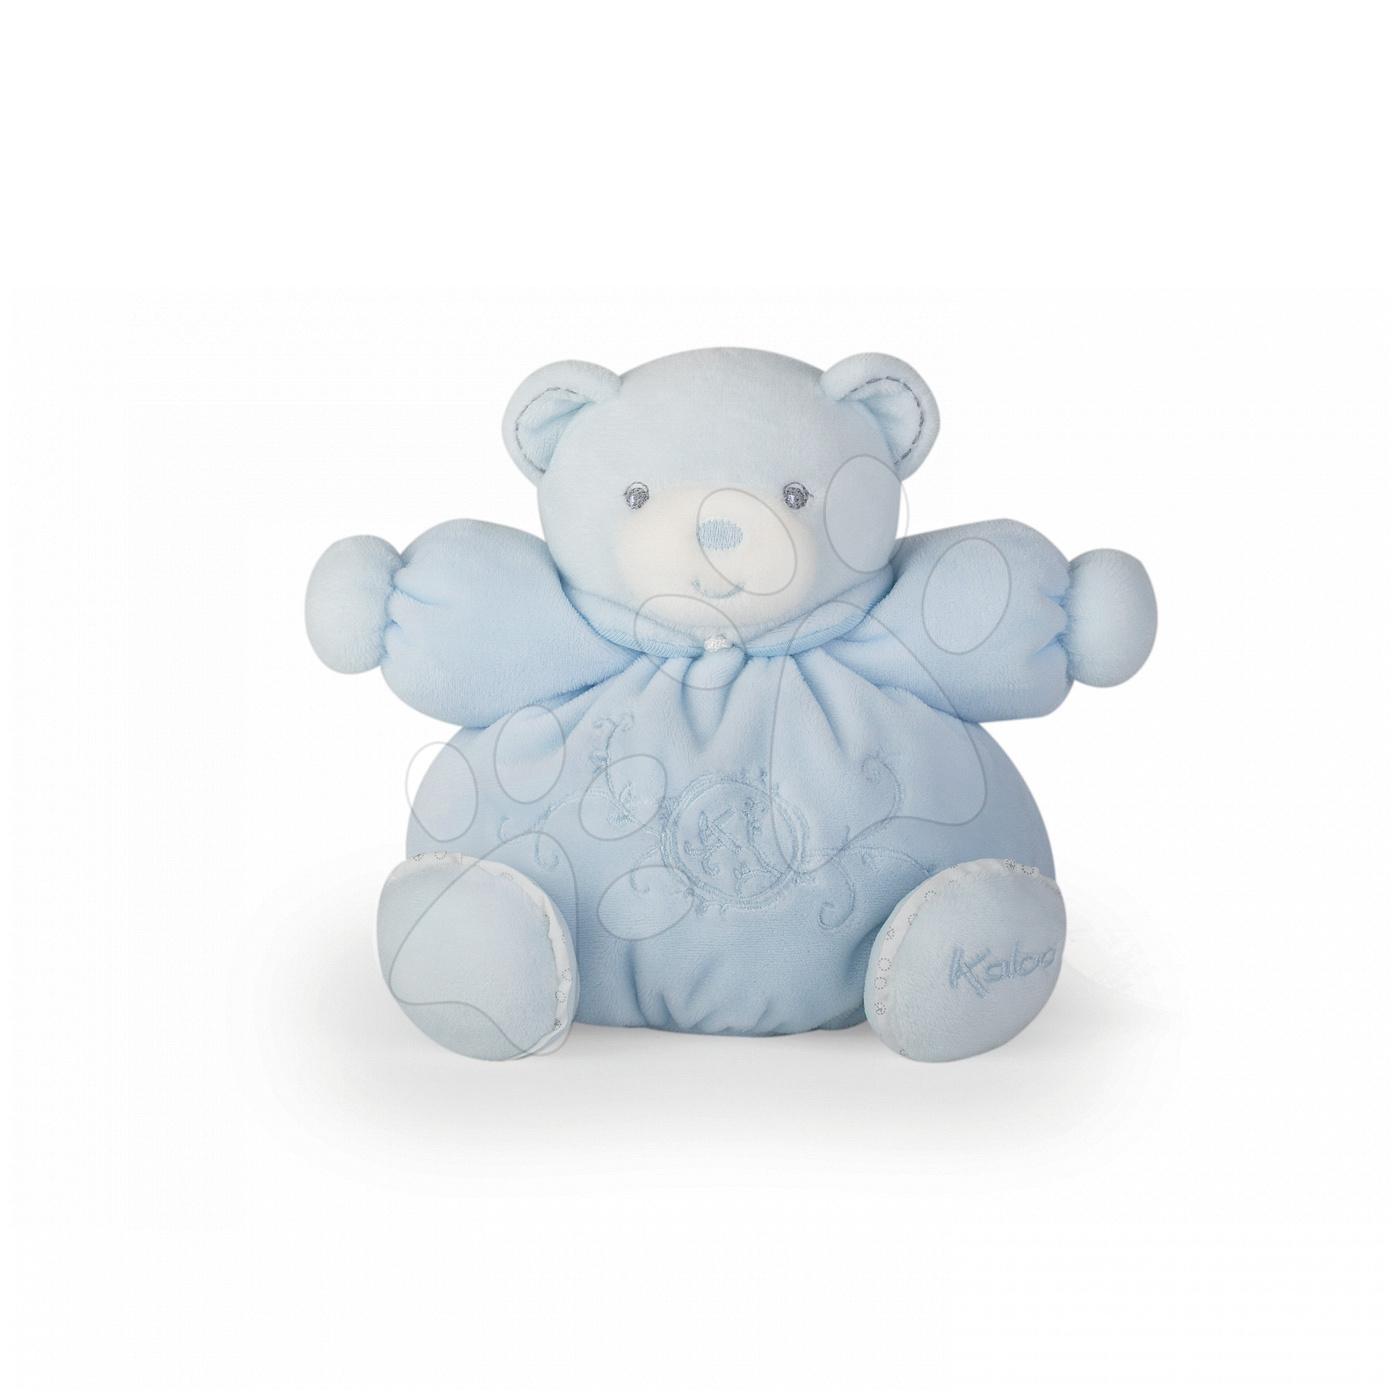 Plyšové medvede - Plyšový medvedík Perle-Chubby Bear Kaloo 18 cm v darčekovom balení pre najmenších modrý